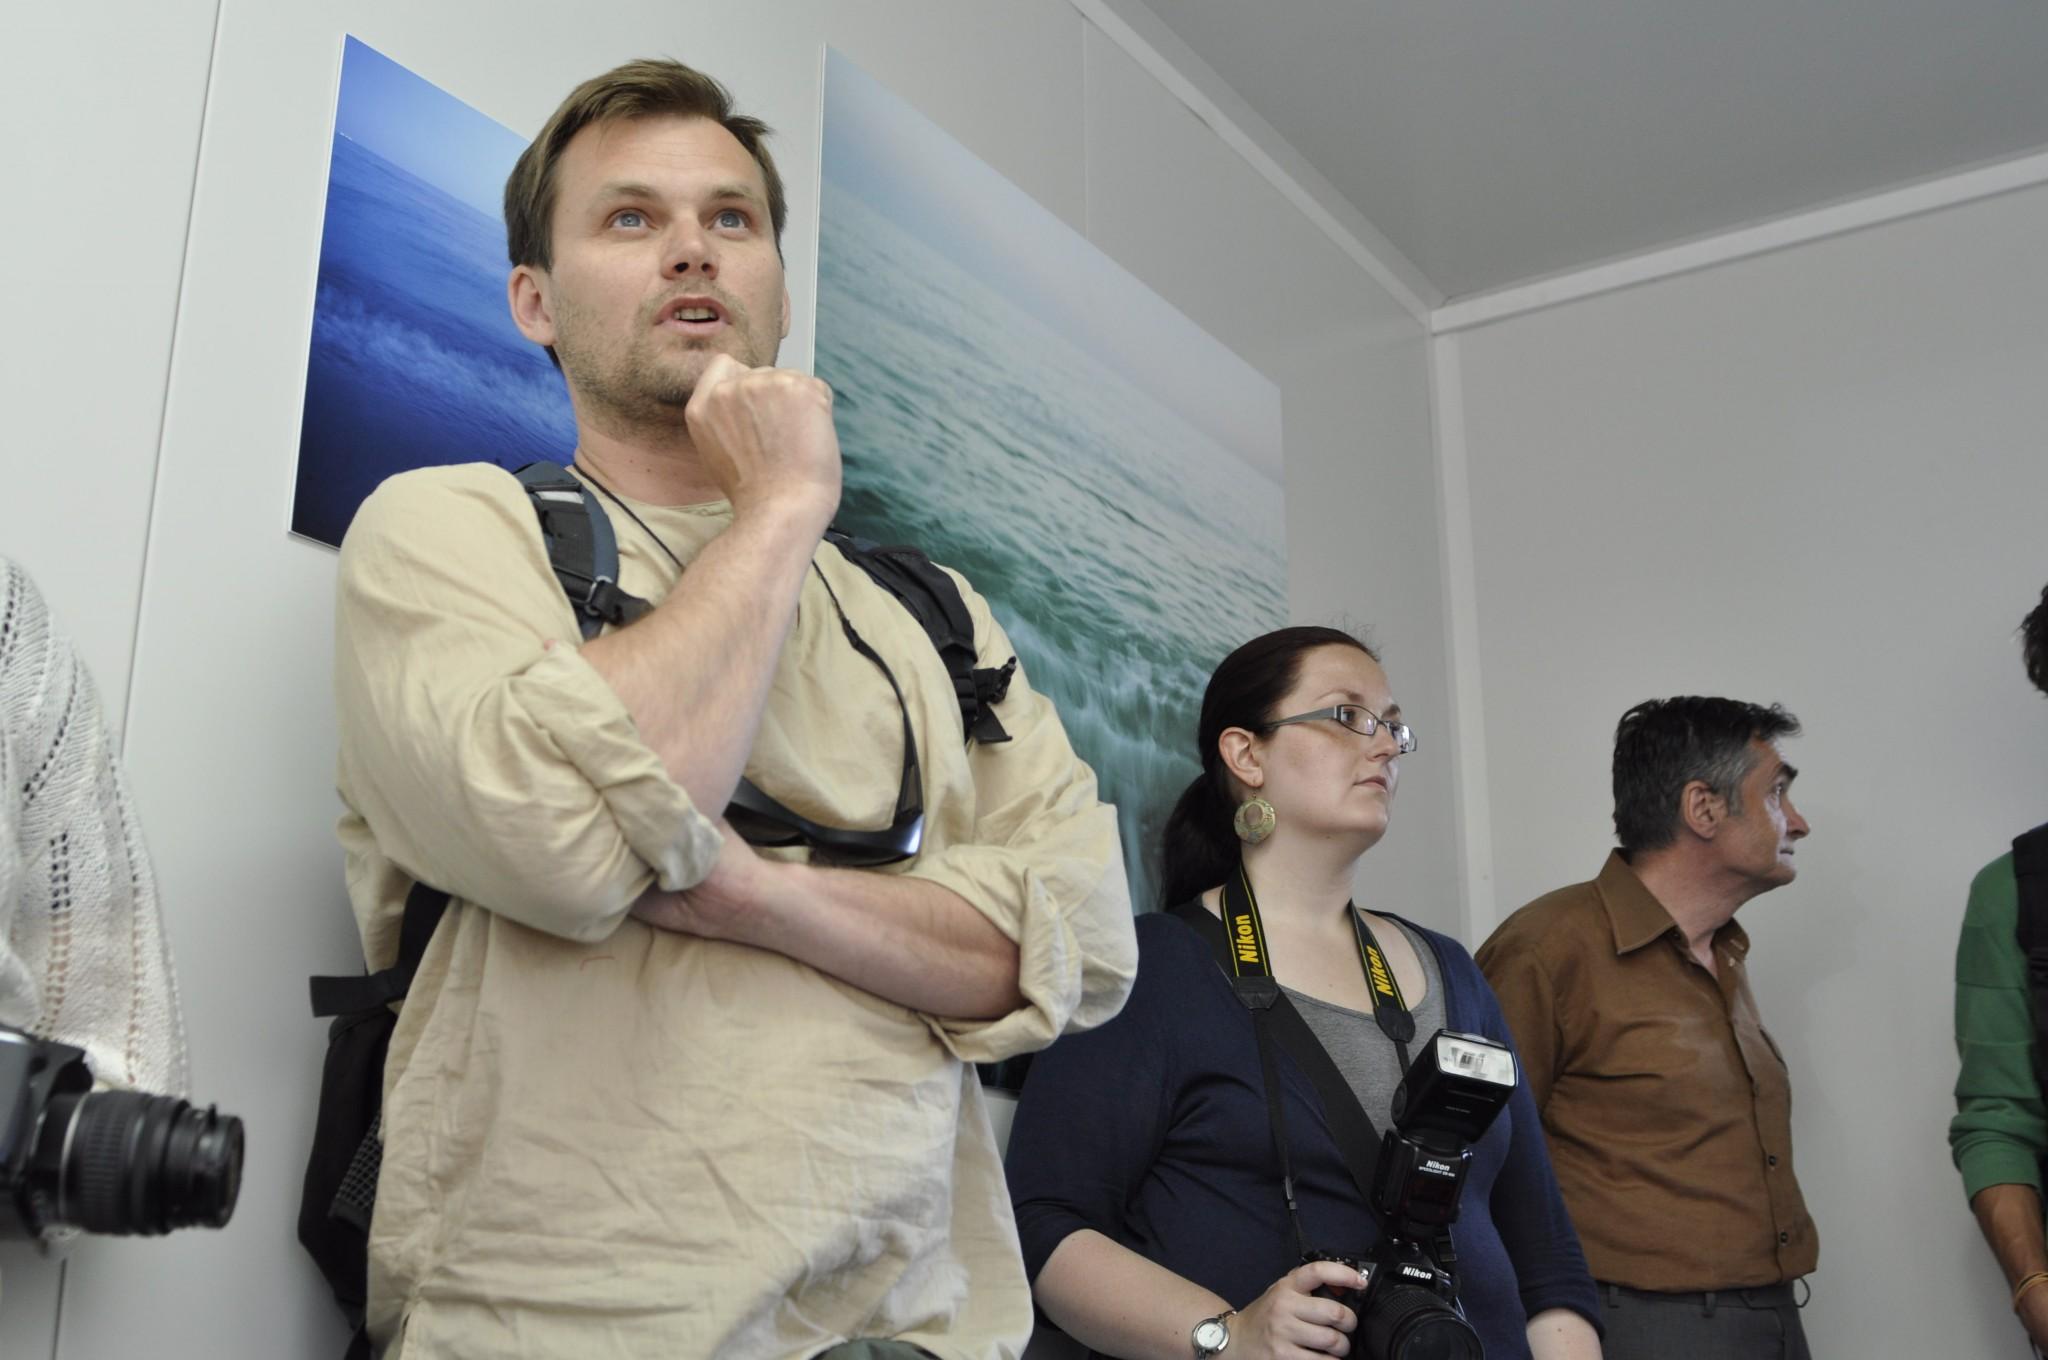 Fotomotif Festival 2010 Igor Omulecki wystawa w kontenerze